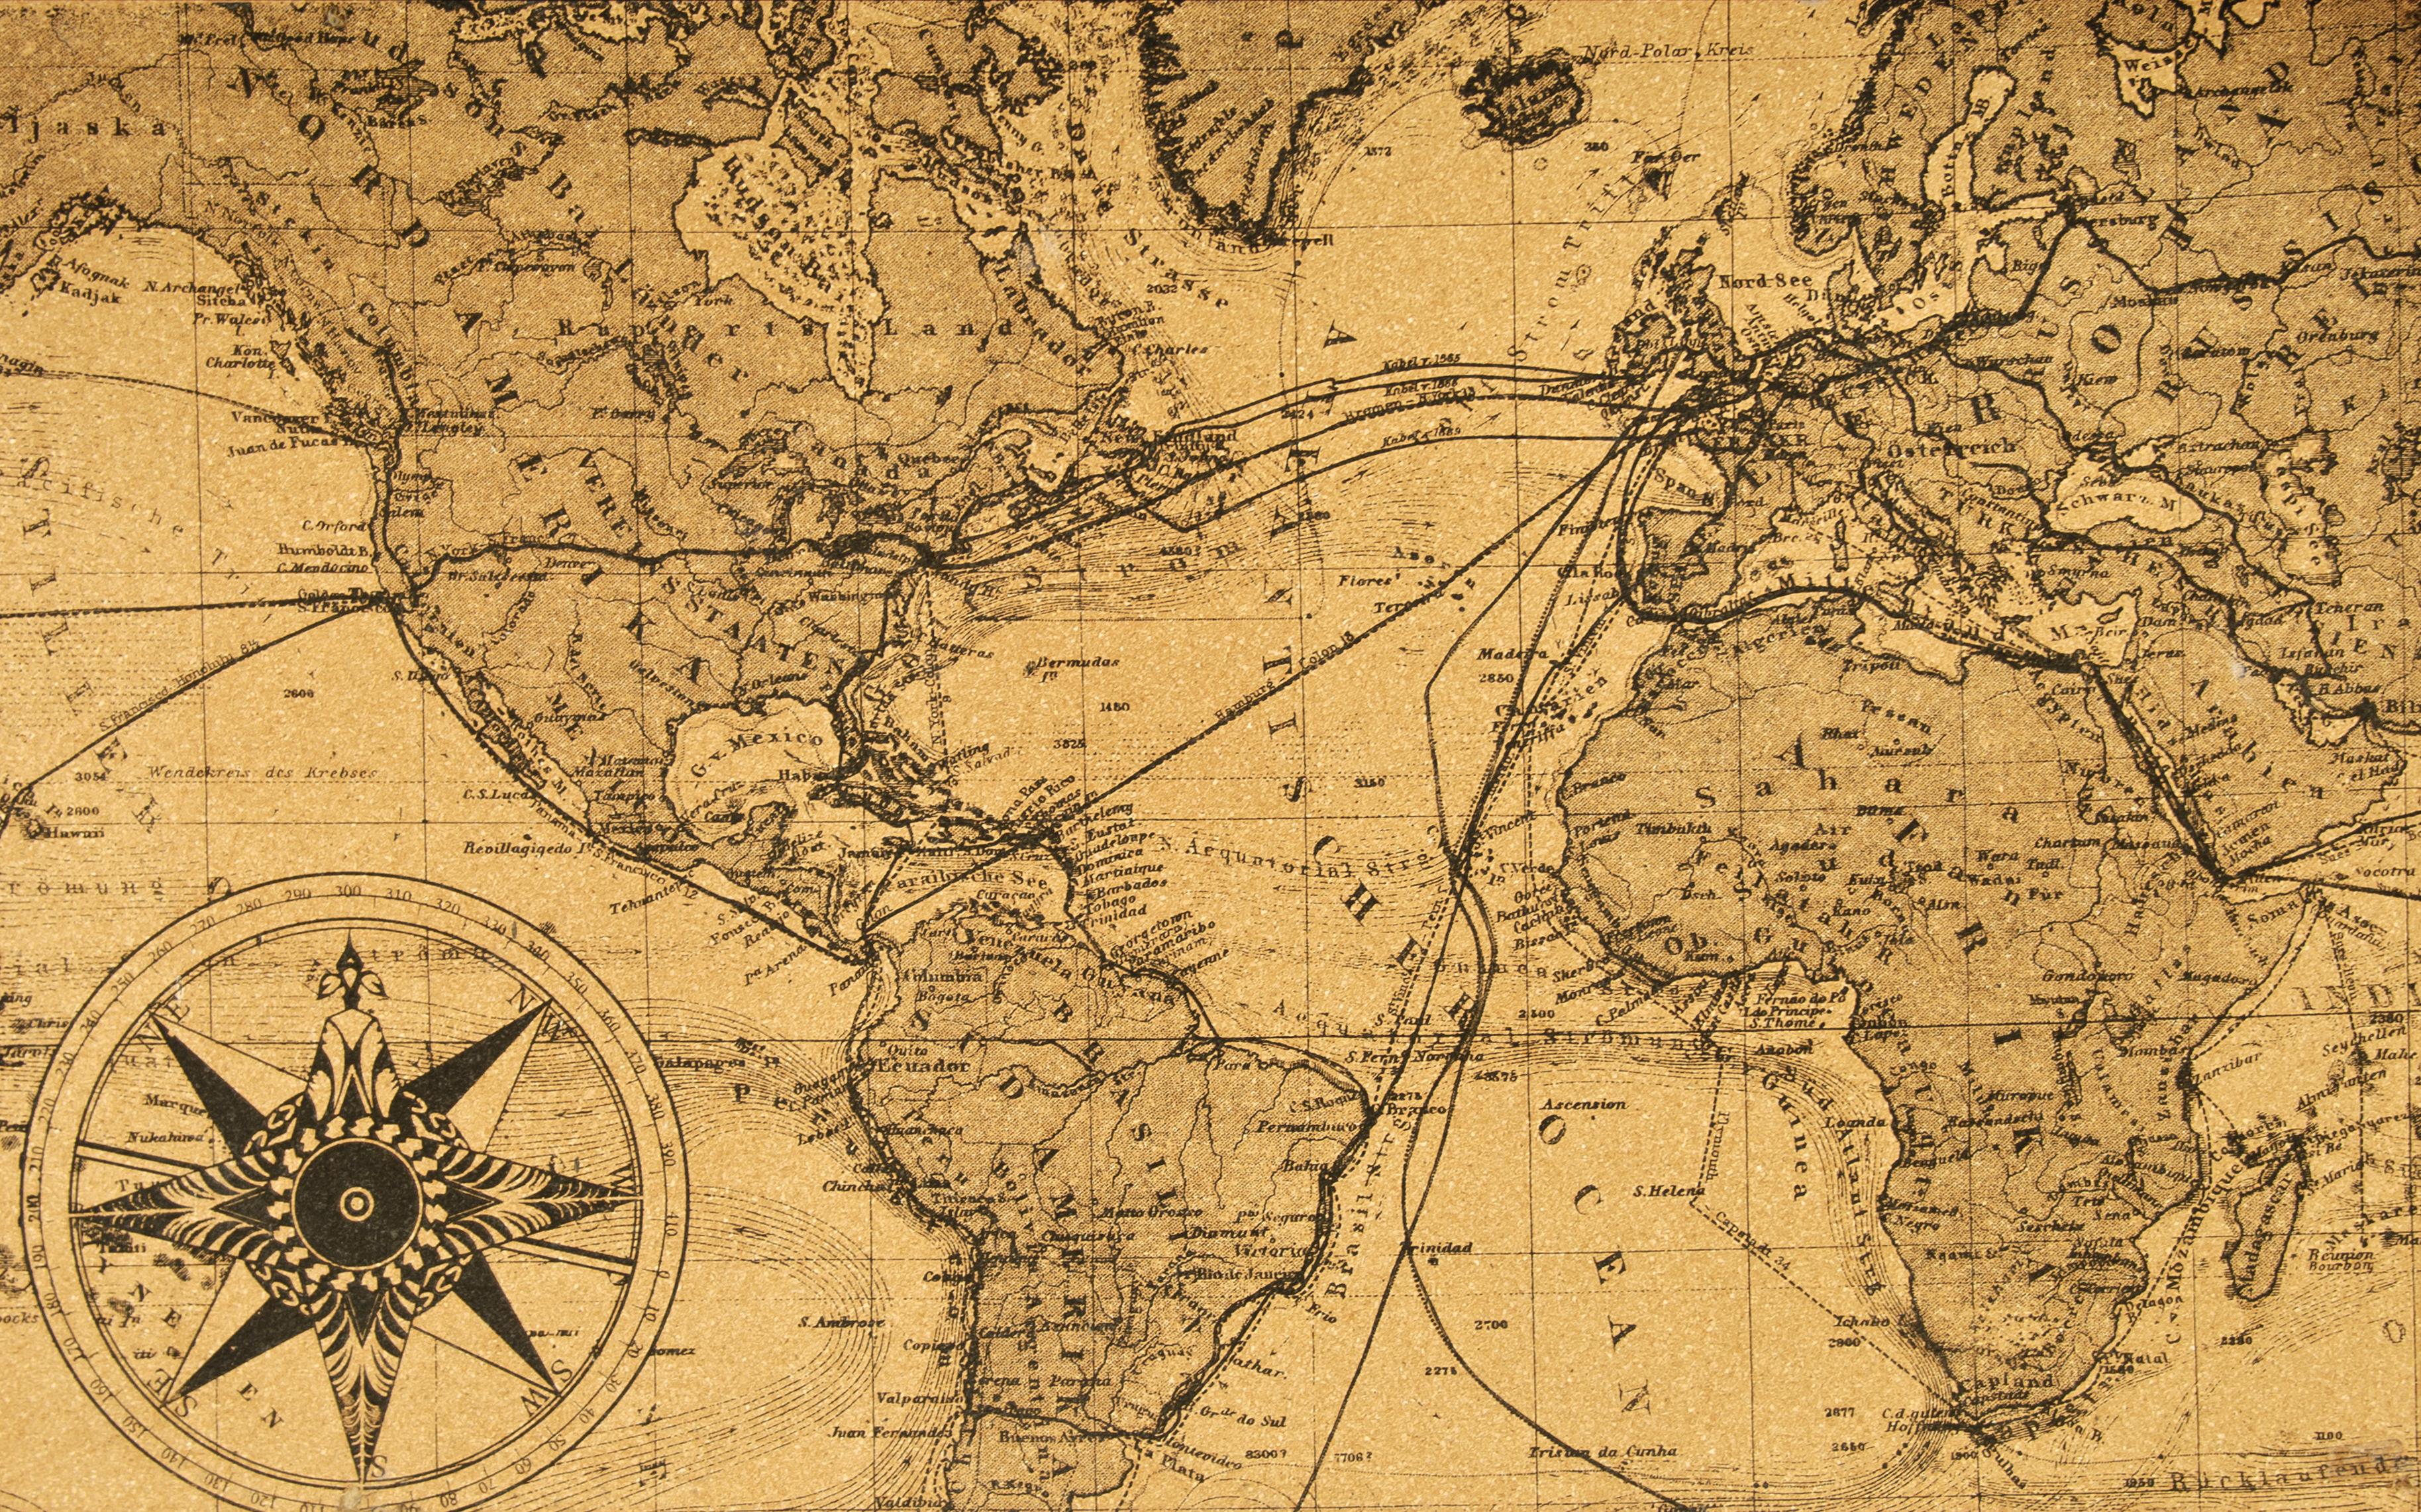 <p><strong>Маймуна - Велики географски открития (1400-1700)</strong></p>  <p>Година на раждане:&nbsp;1932, 1944, 1956, 1968, 1980, 1992, 2004, 2016, 2028</p>  <p>Какво по-подходящо време за любопитната и остроумна Маймуна&nbsp;от периода на Великите географски открития? Тогава все още има неизвестни хоризонти, чието покоряване носи със себе си редица вълнуващи приключения.</p>  <p>&nbsp;</p>